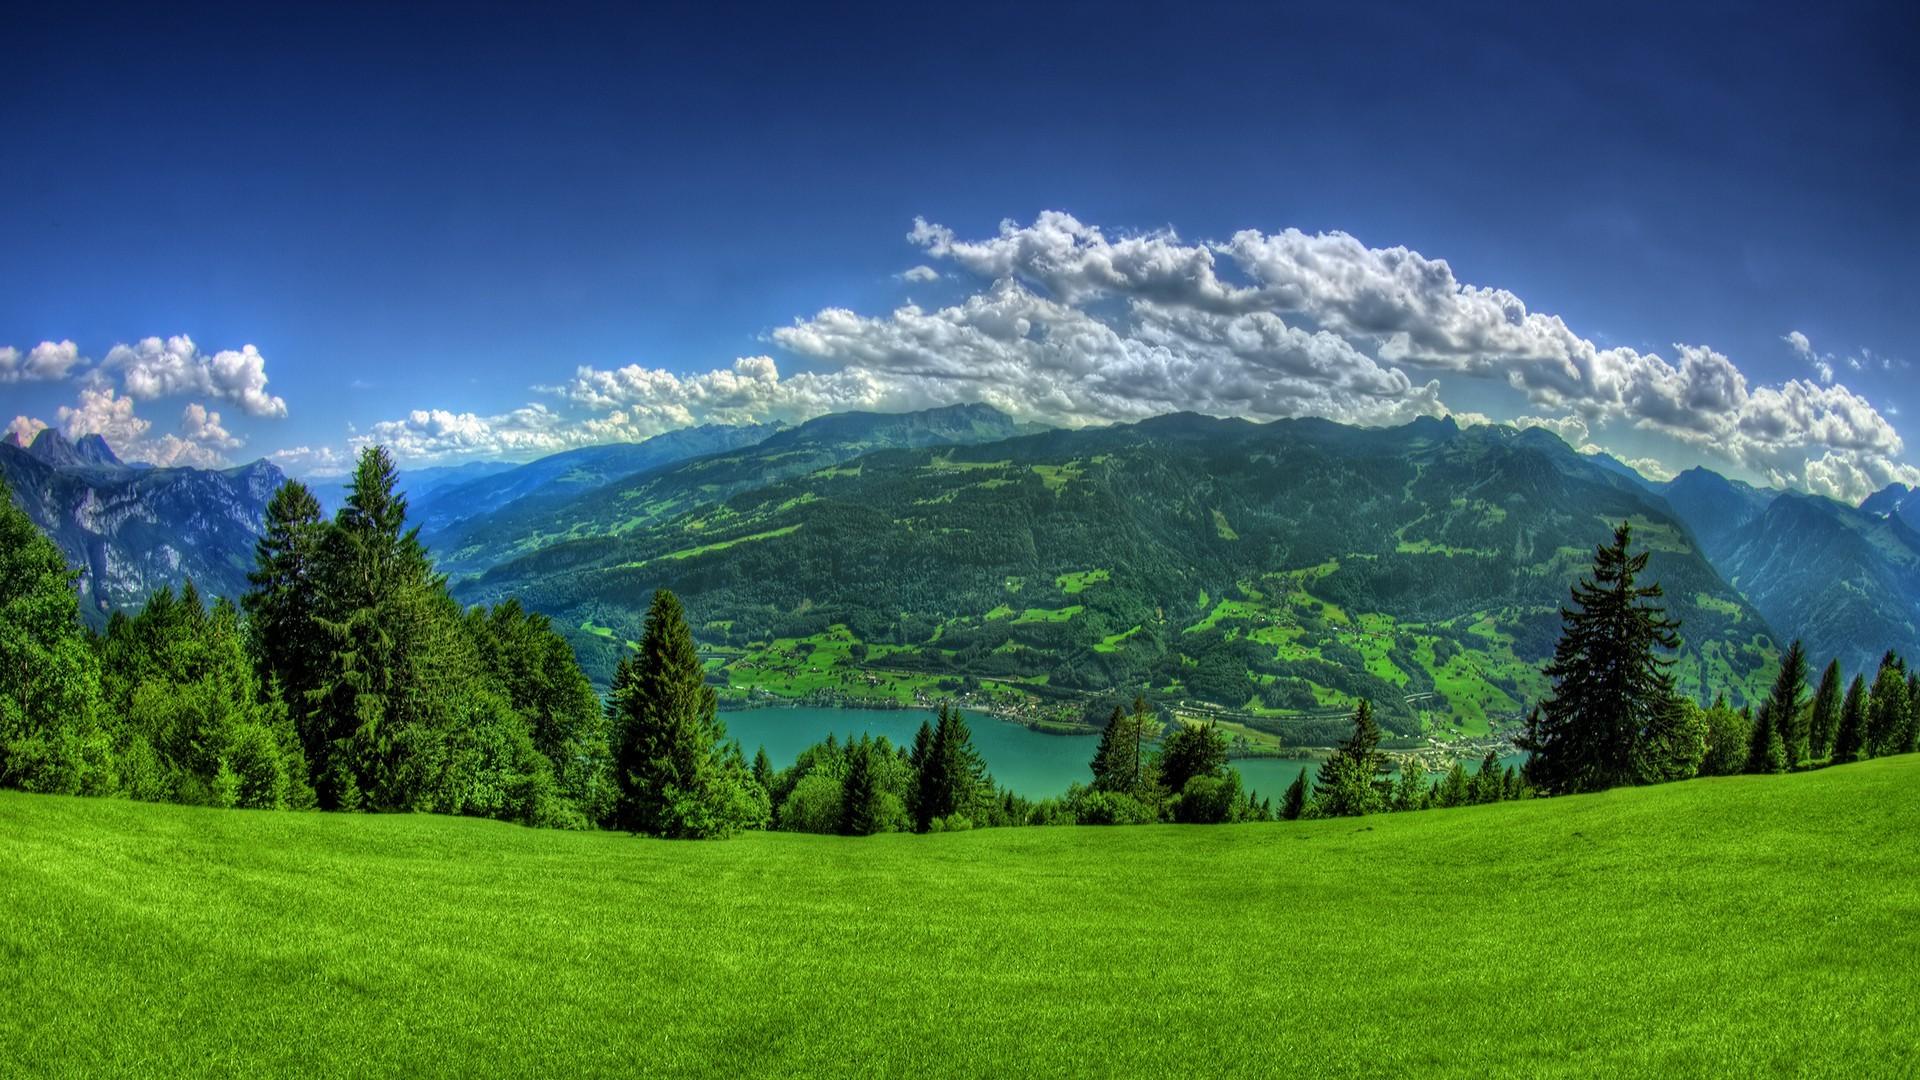 ... chúng tôi gửi đến bạn những hình ảnh đẹp của phong cảnh thiên nhiên này nhằm giúp bạn thỏa niềm yêu thích và thư giãn sau những giờ làm việc vất vả.